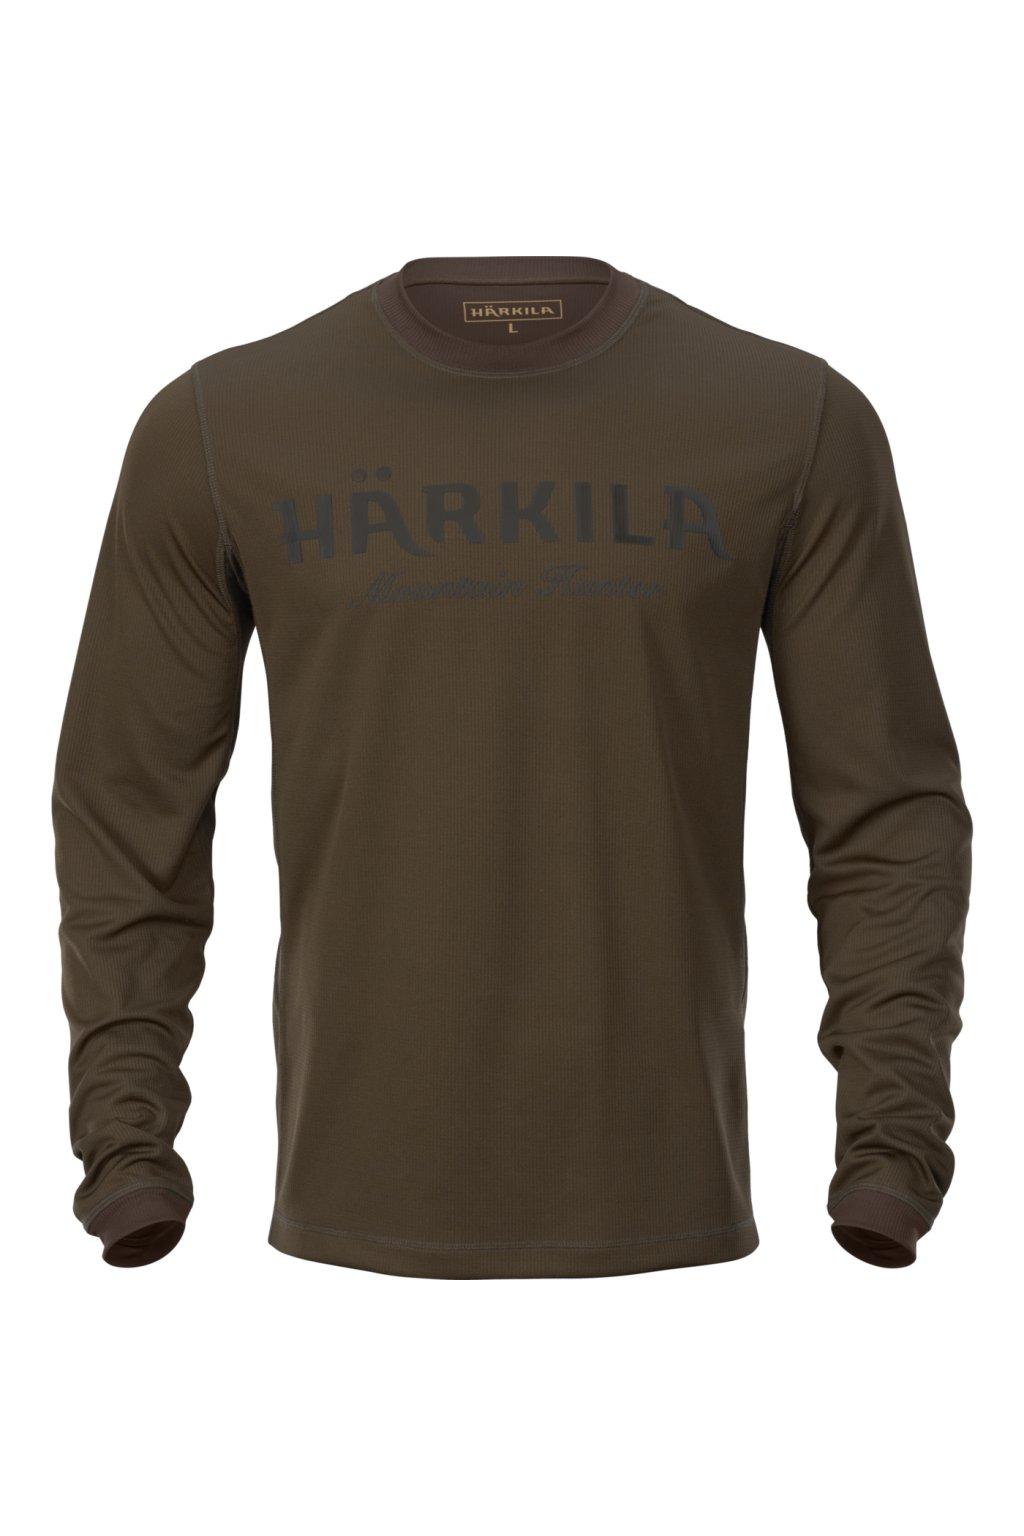 HÄRKILA - Mountain Hunter triko pánské s dlouhým rukávem